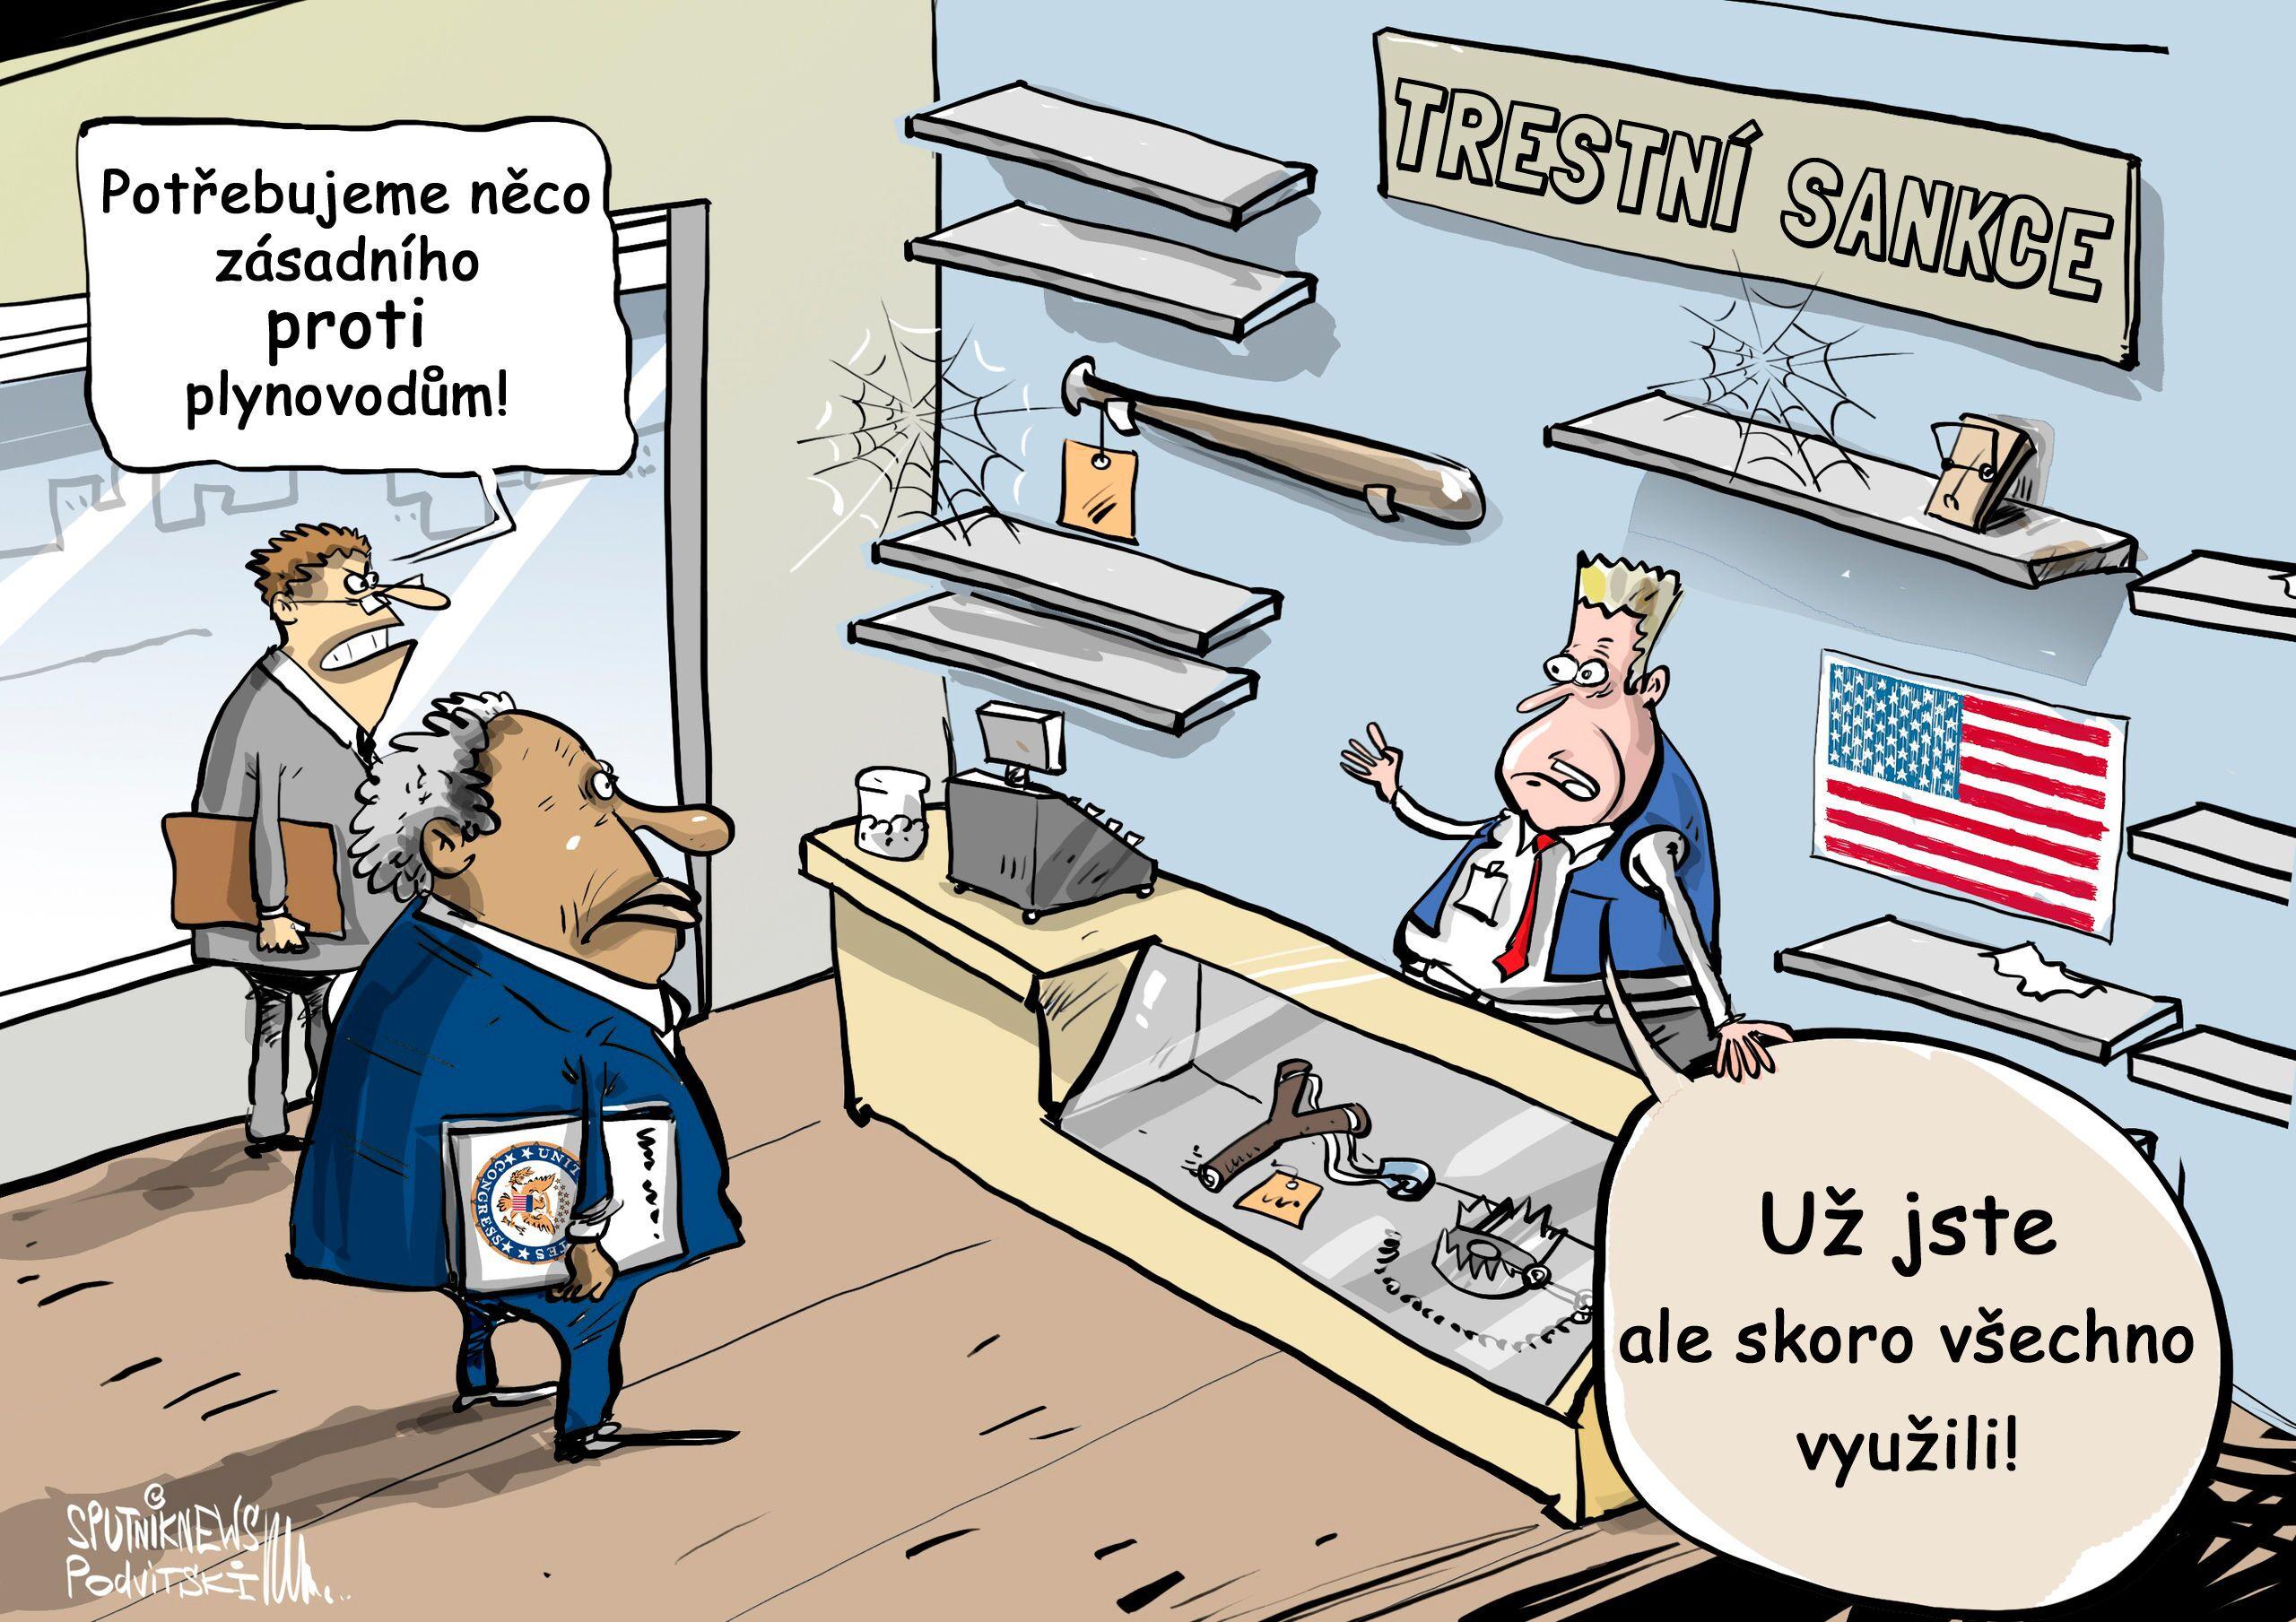 USA zavádí nové trestní sankce